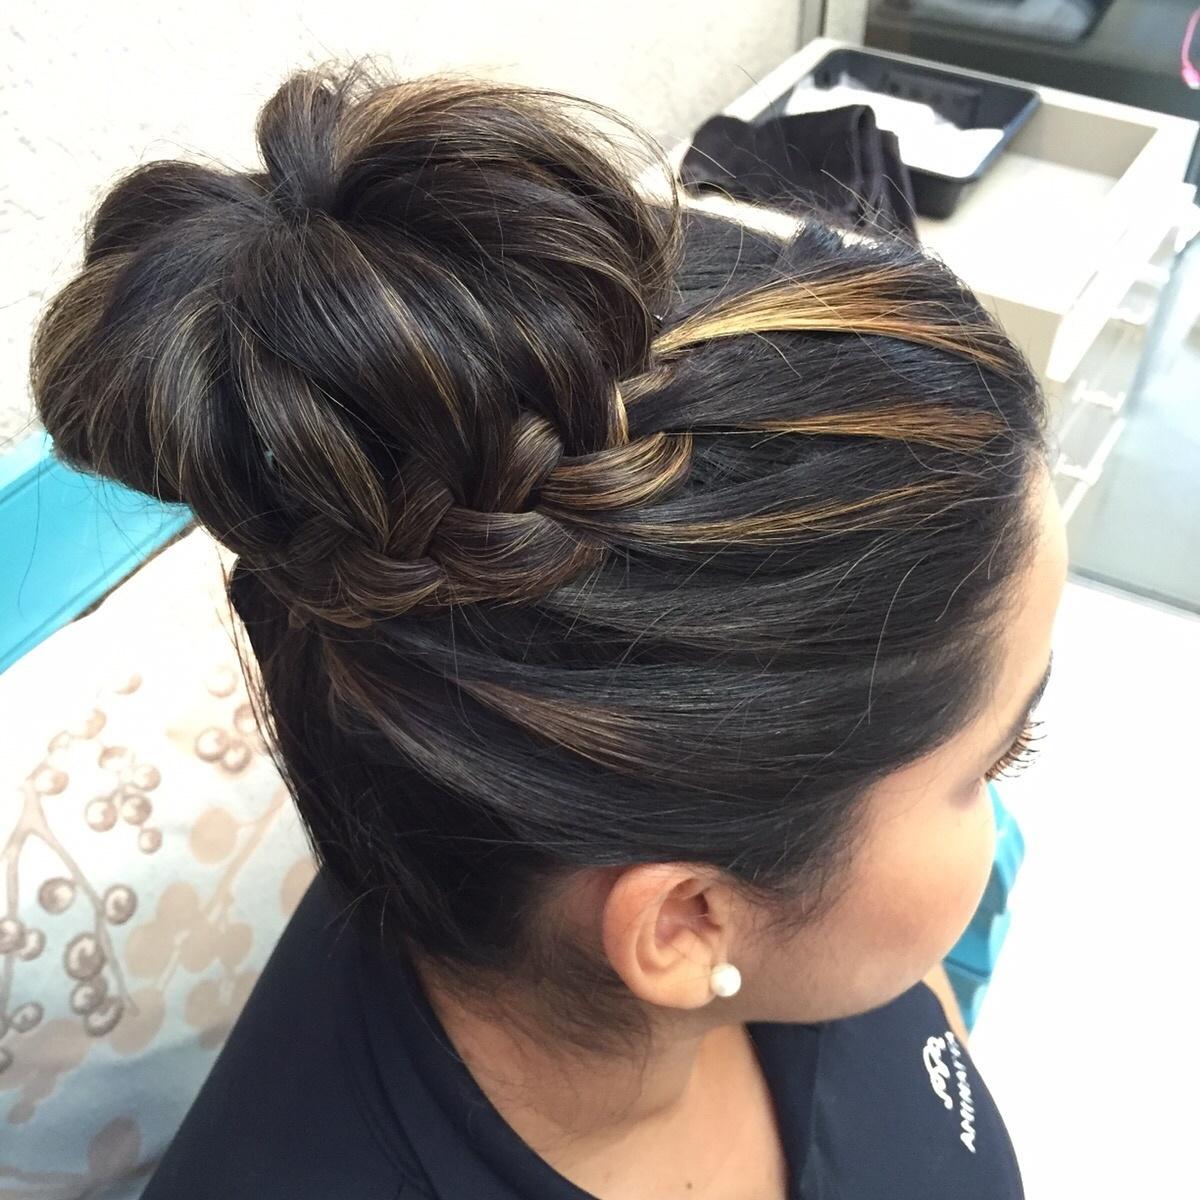 Coque #coque#coqueprincesa#penteadospresos#festa#amopentear cabeleireiro(a)